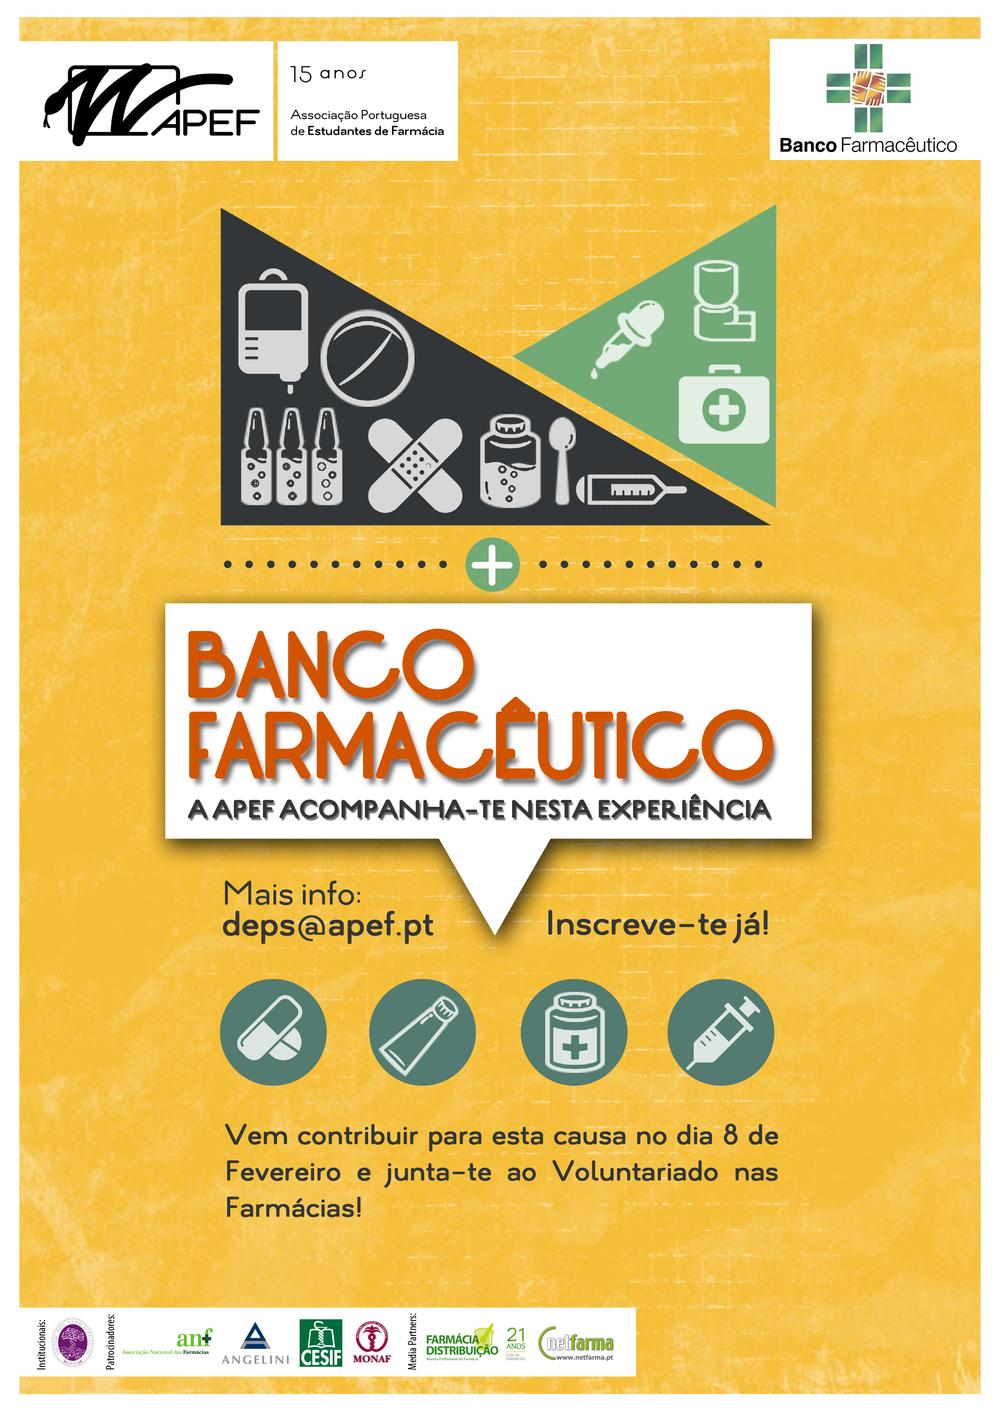 Banco Farmacêutico